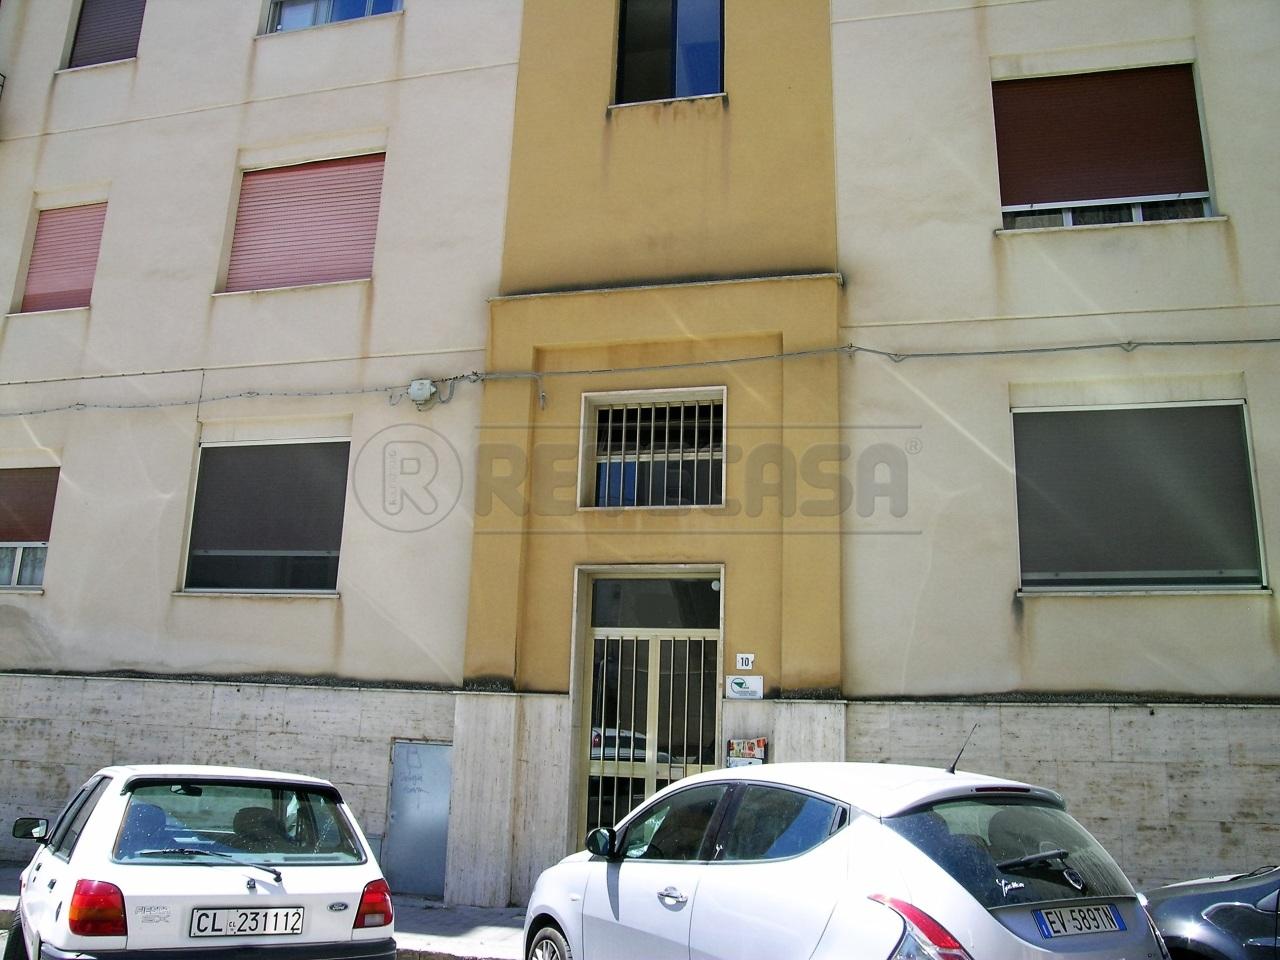 Appartamento in affitto a Caltanissetta, 5 locali, prezzo € 160 | CambioCasa.it